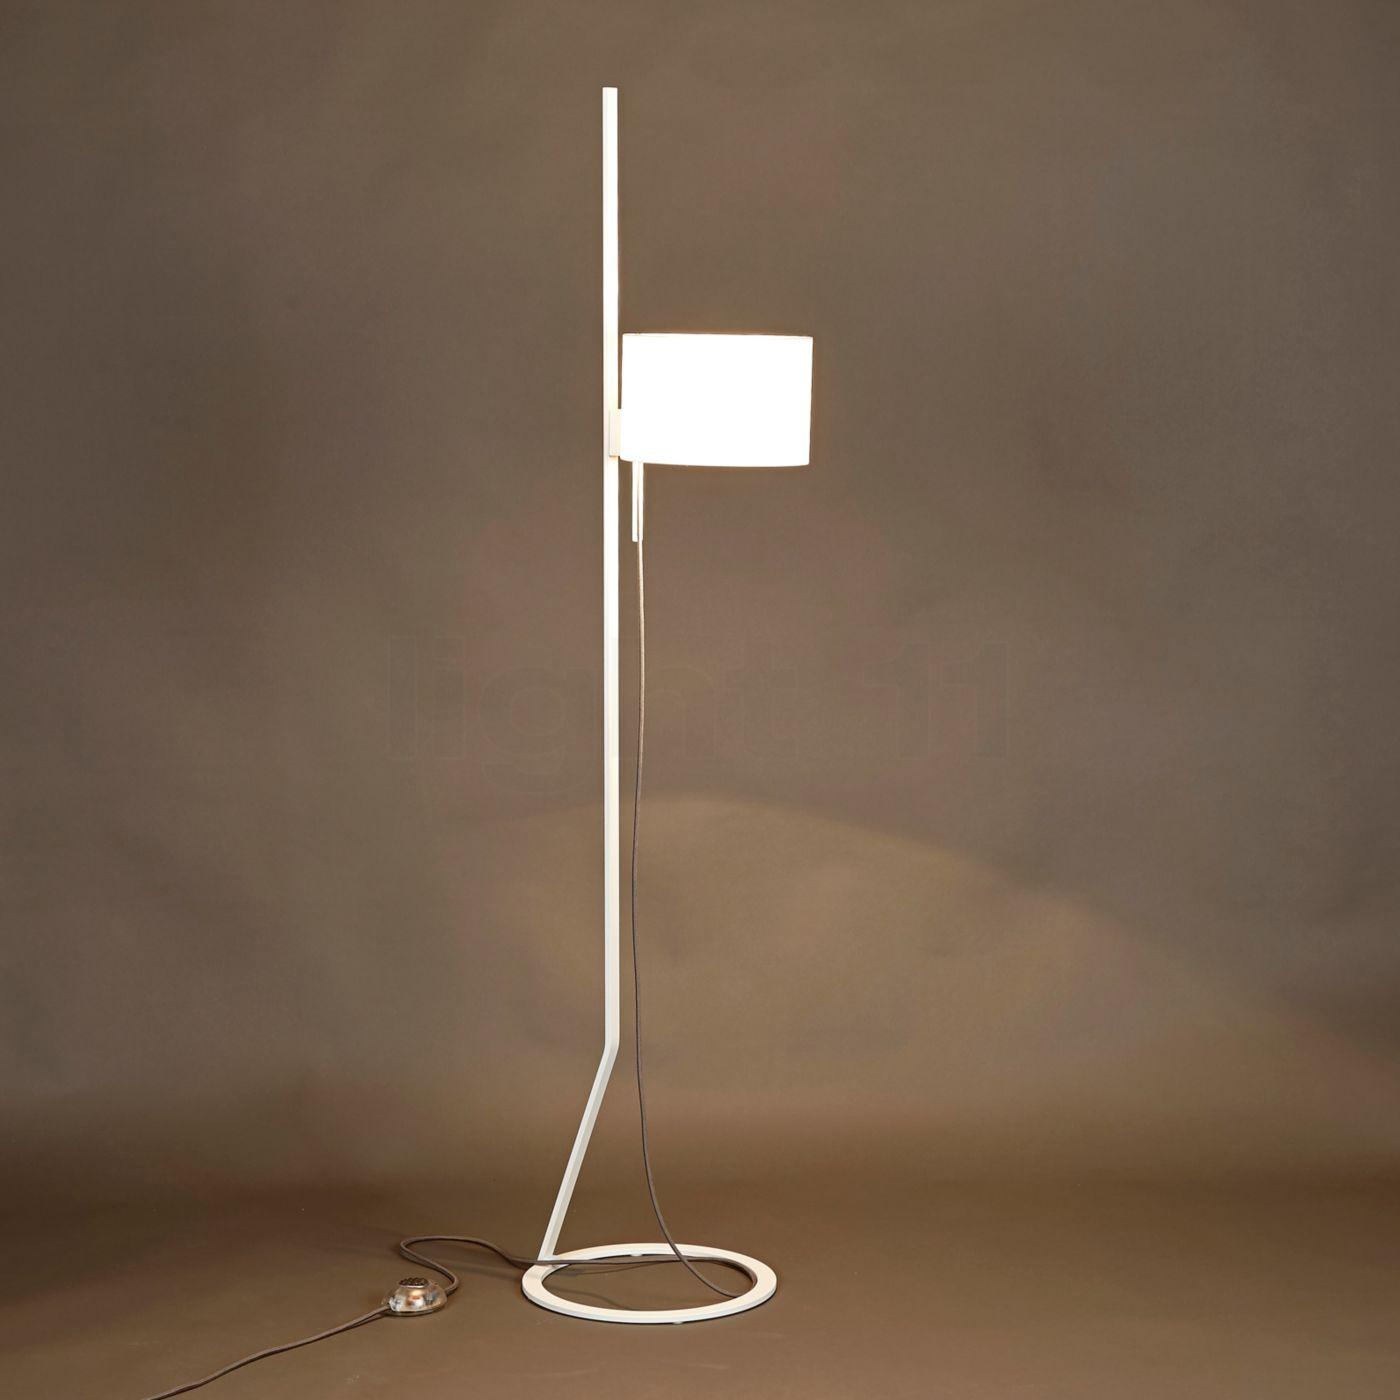 Steng Licht steng licht loft floor l floor ls buy at light11 eu